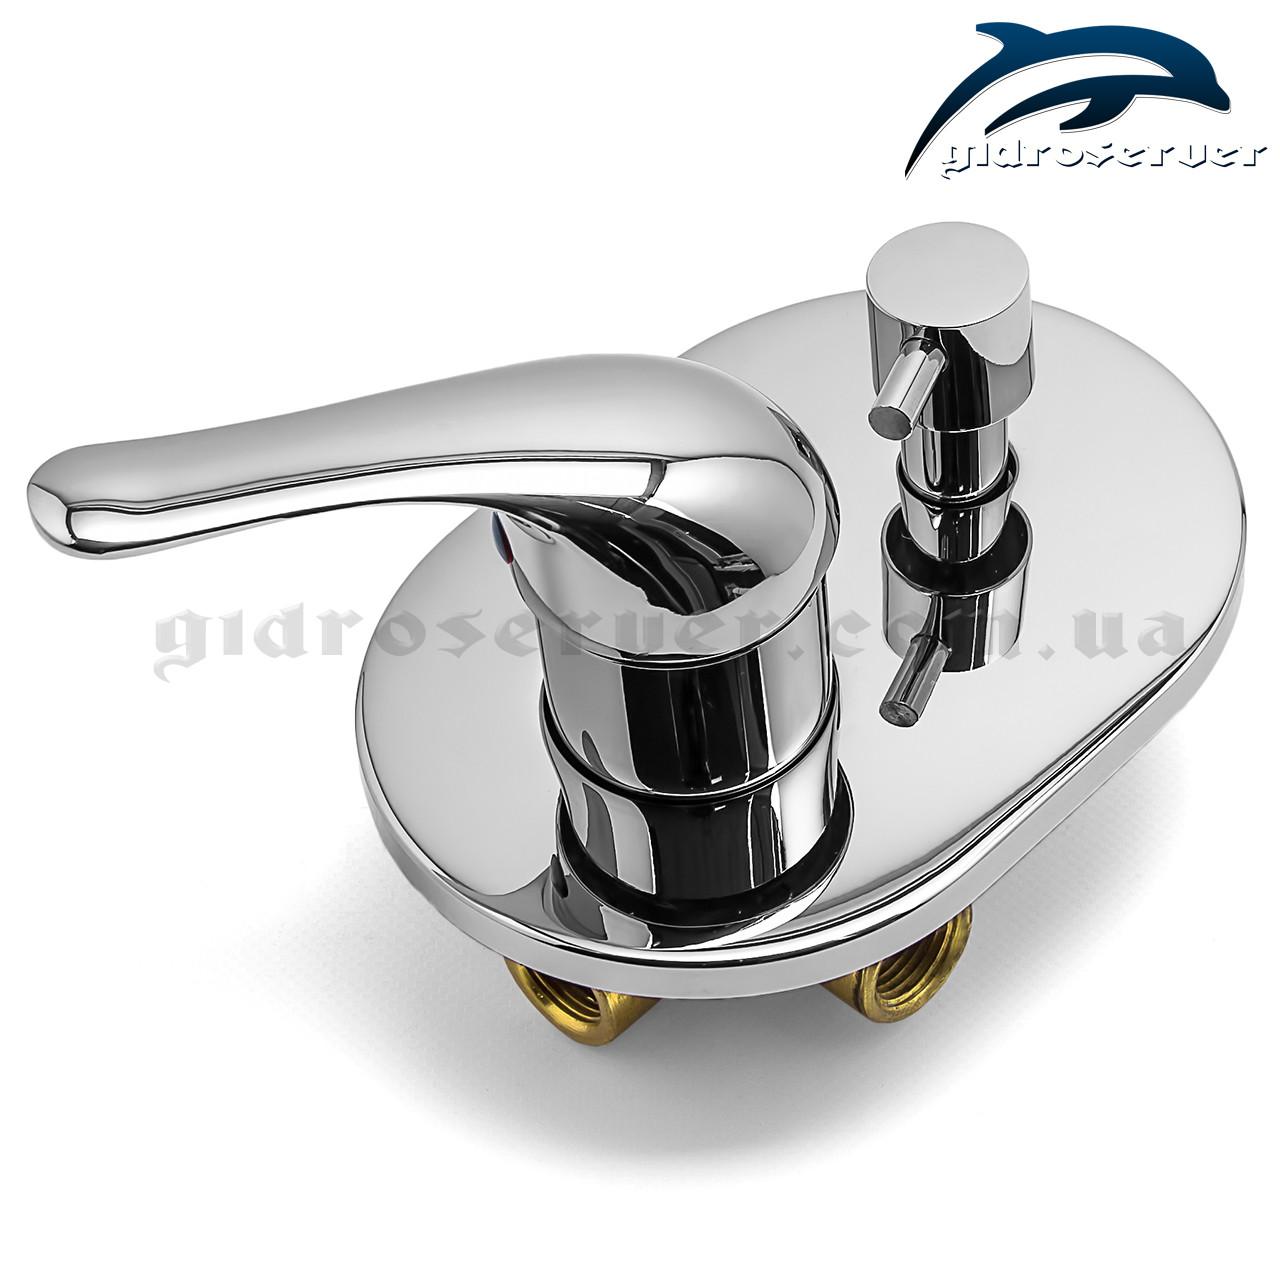 Смеситель для душа и ванны скрытого монтажа SV-02 на 2 режима.